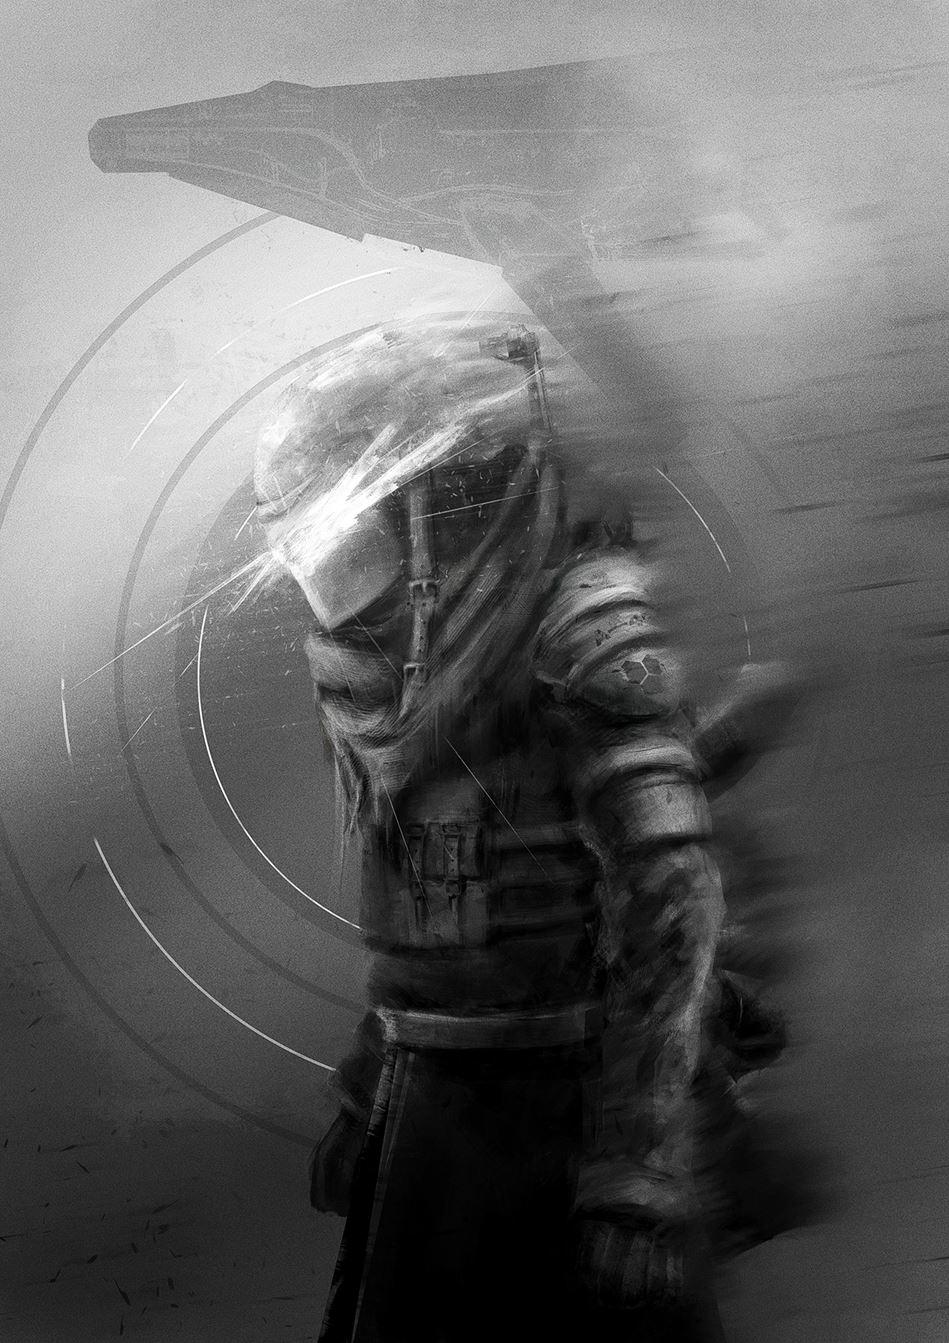 Deszczowy żołnierz